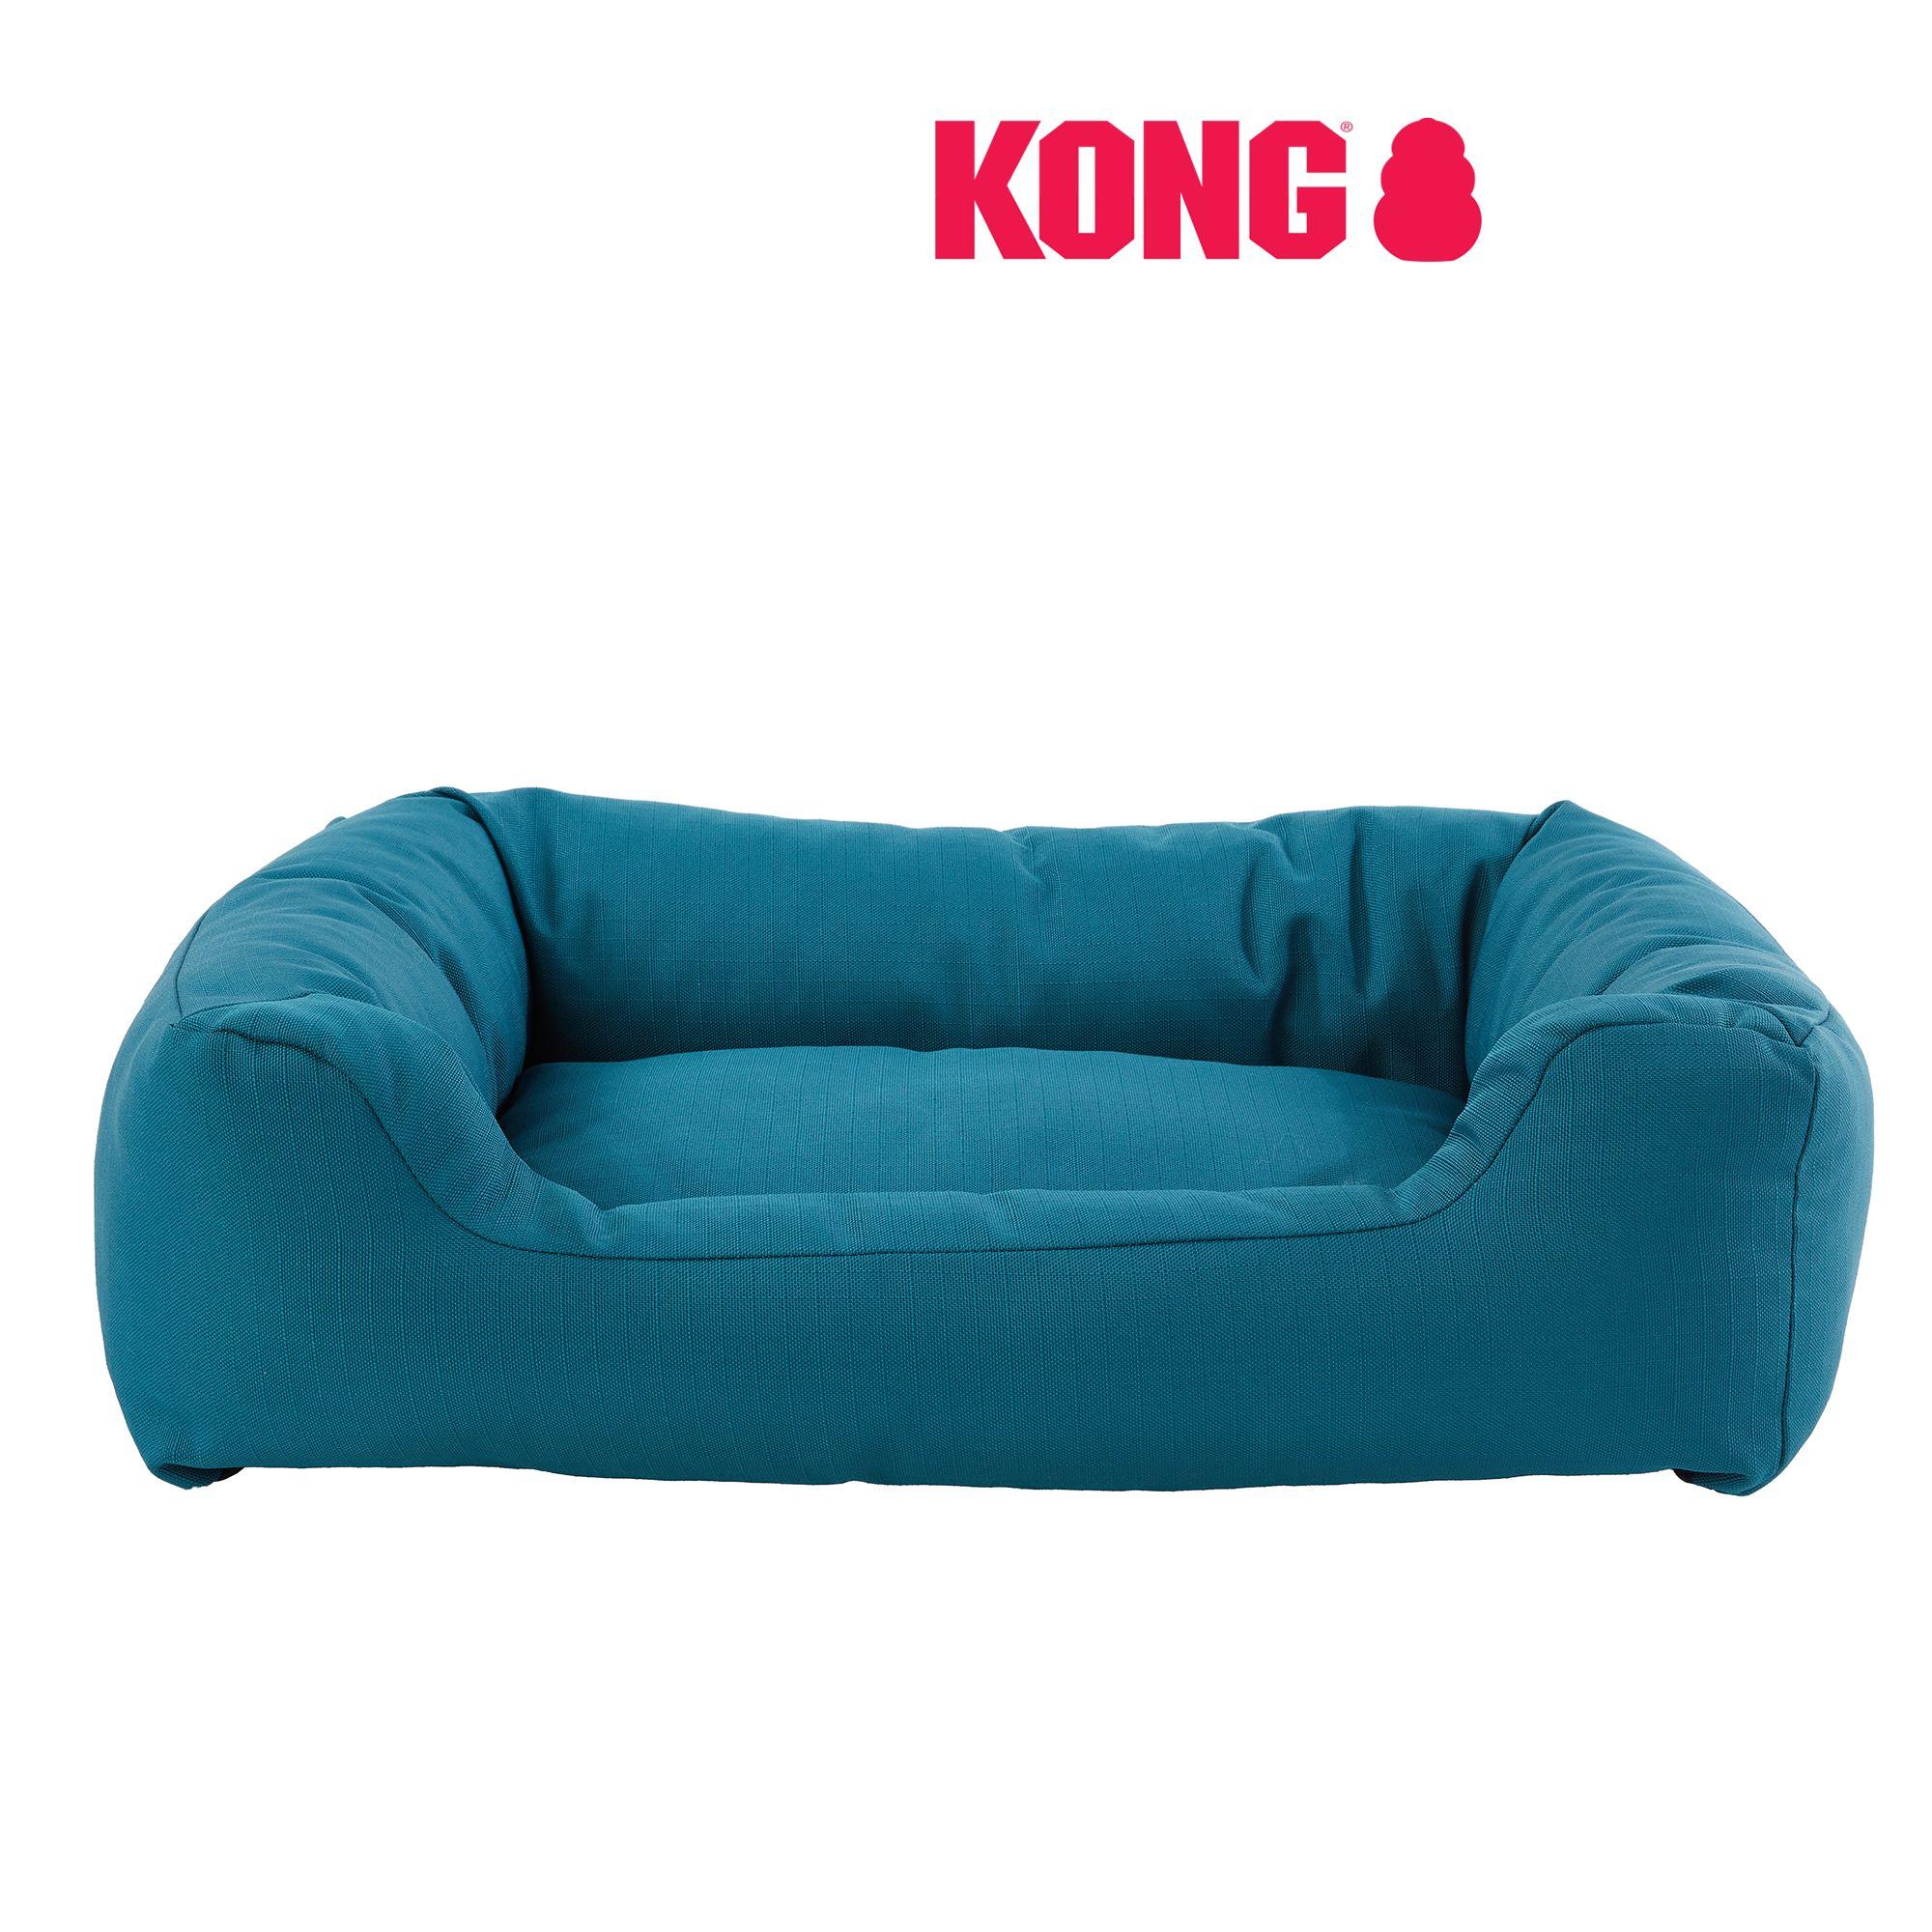 Kong Cuddler Dog Bed Dog Cuddler Beds Petsmart